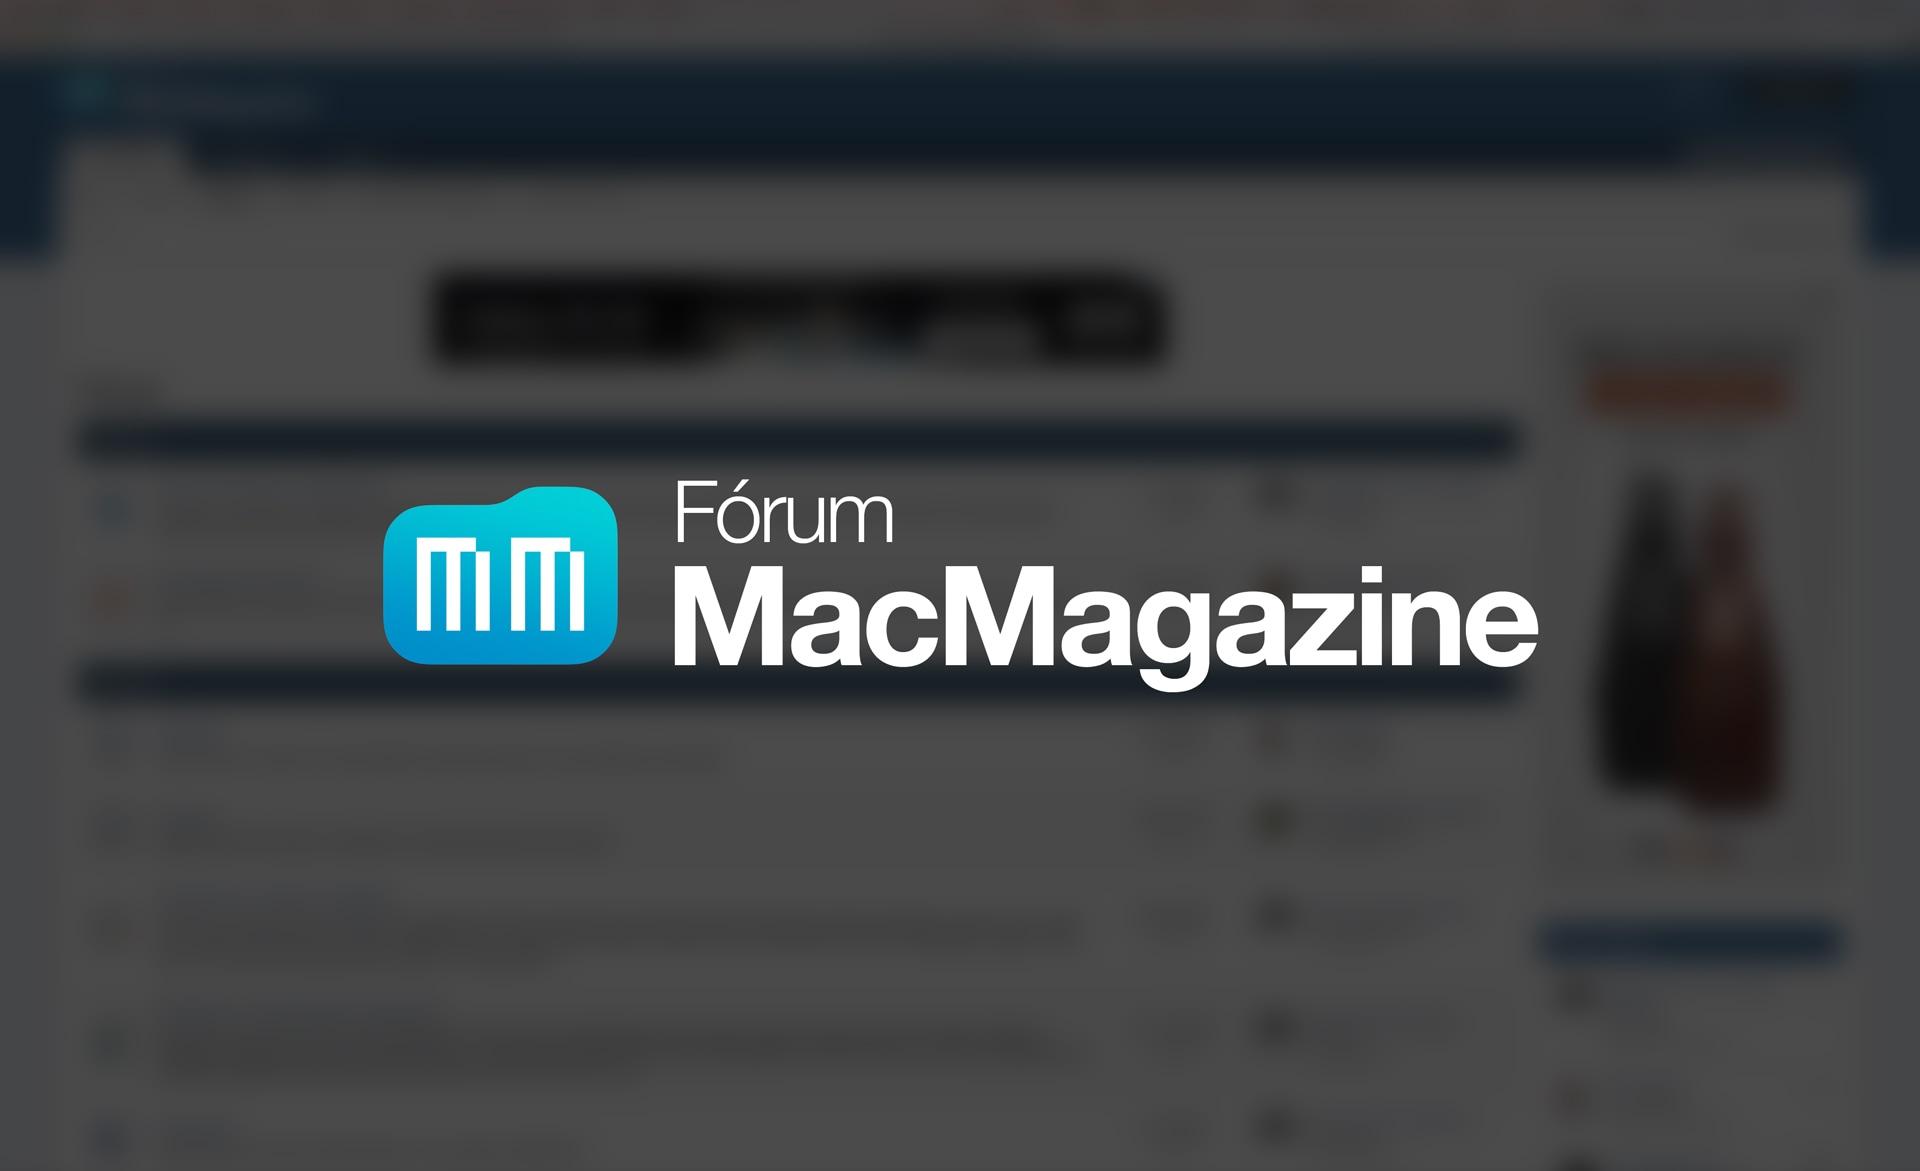 Fórum MacMagazine